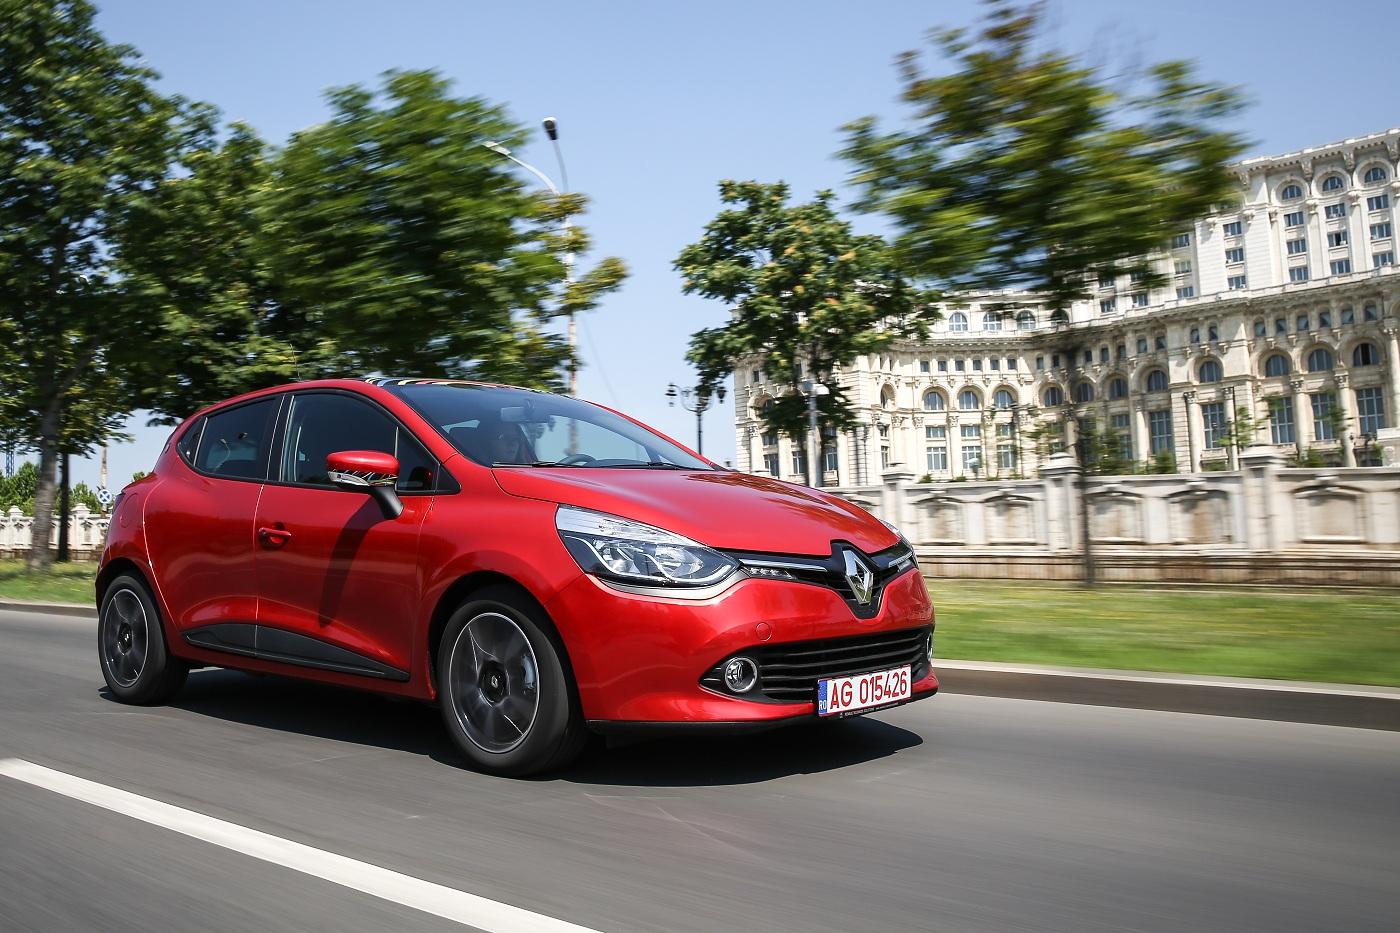 Renault Olimpic - Clio 02